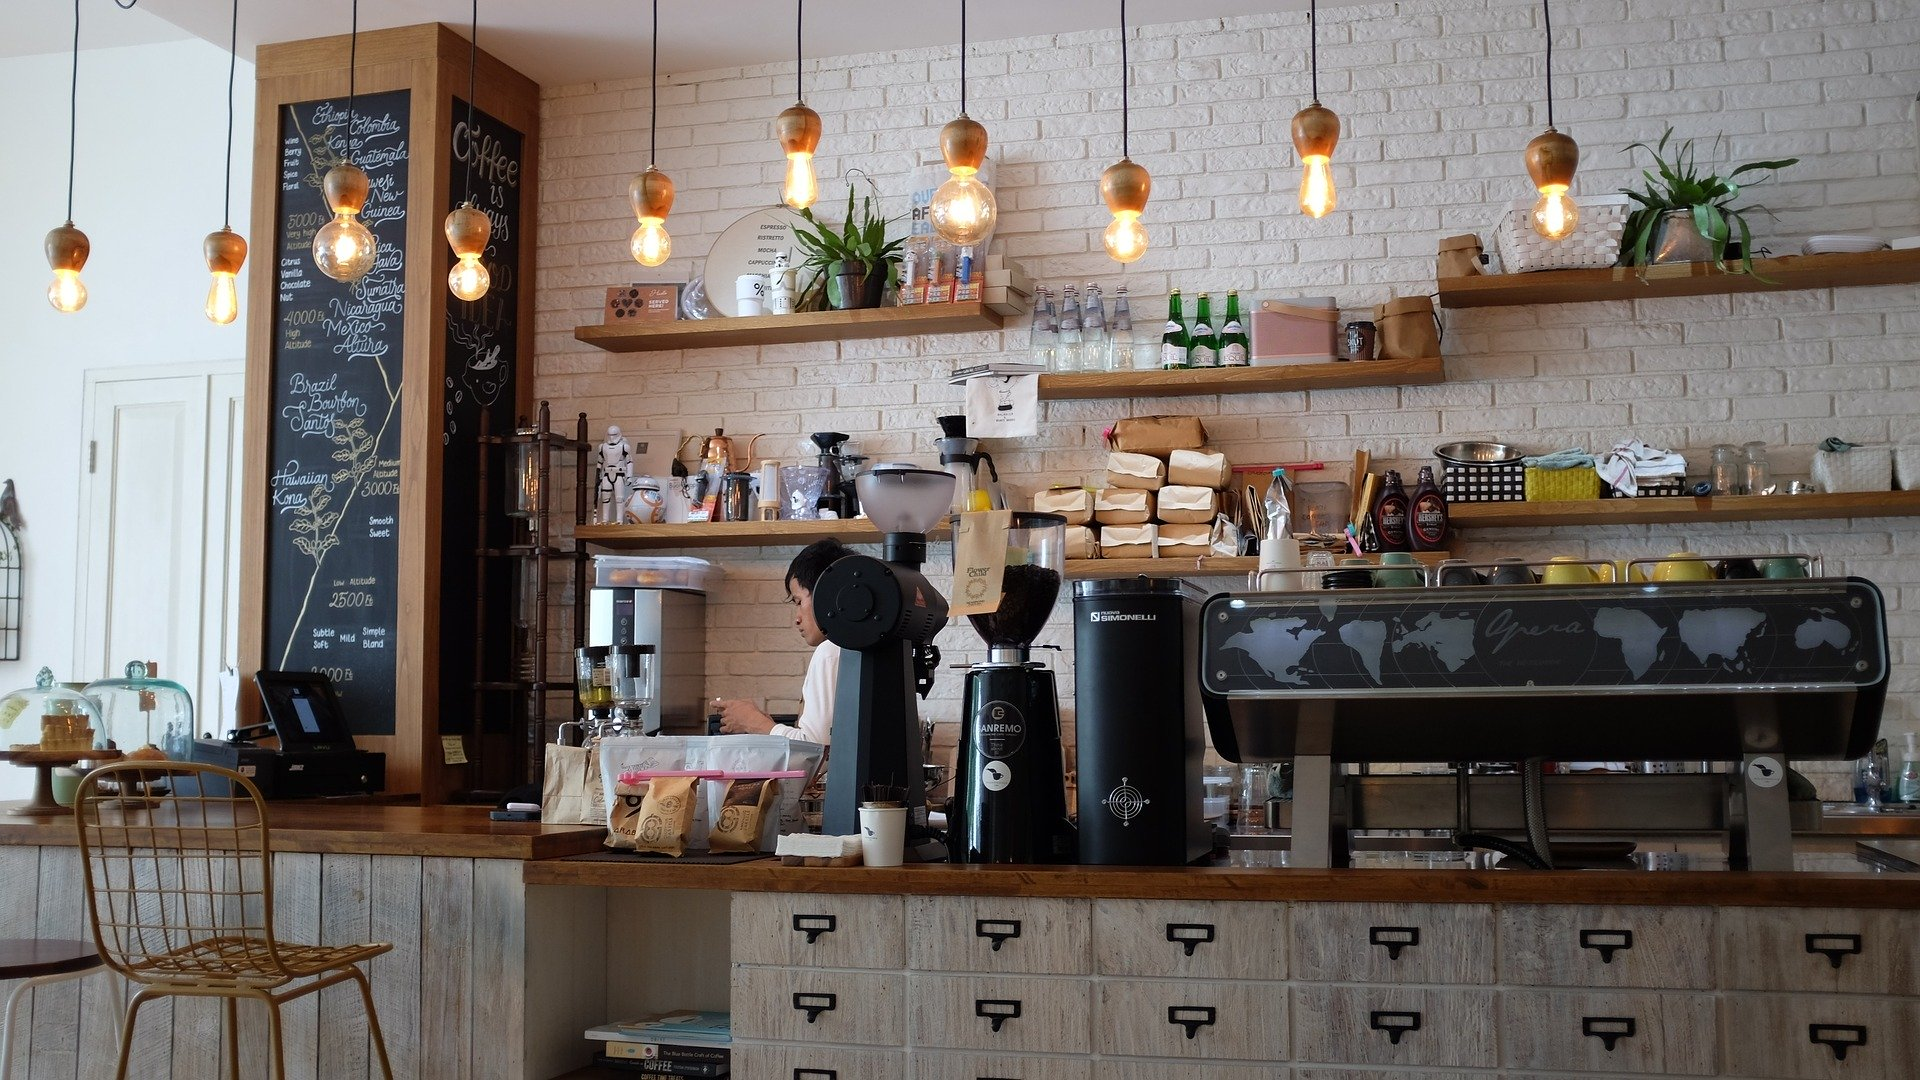 Як вивести кав'ярню або ресторан на новий рівень - porady, news, business